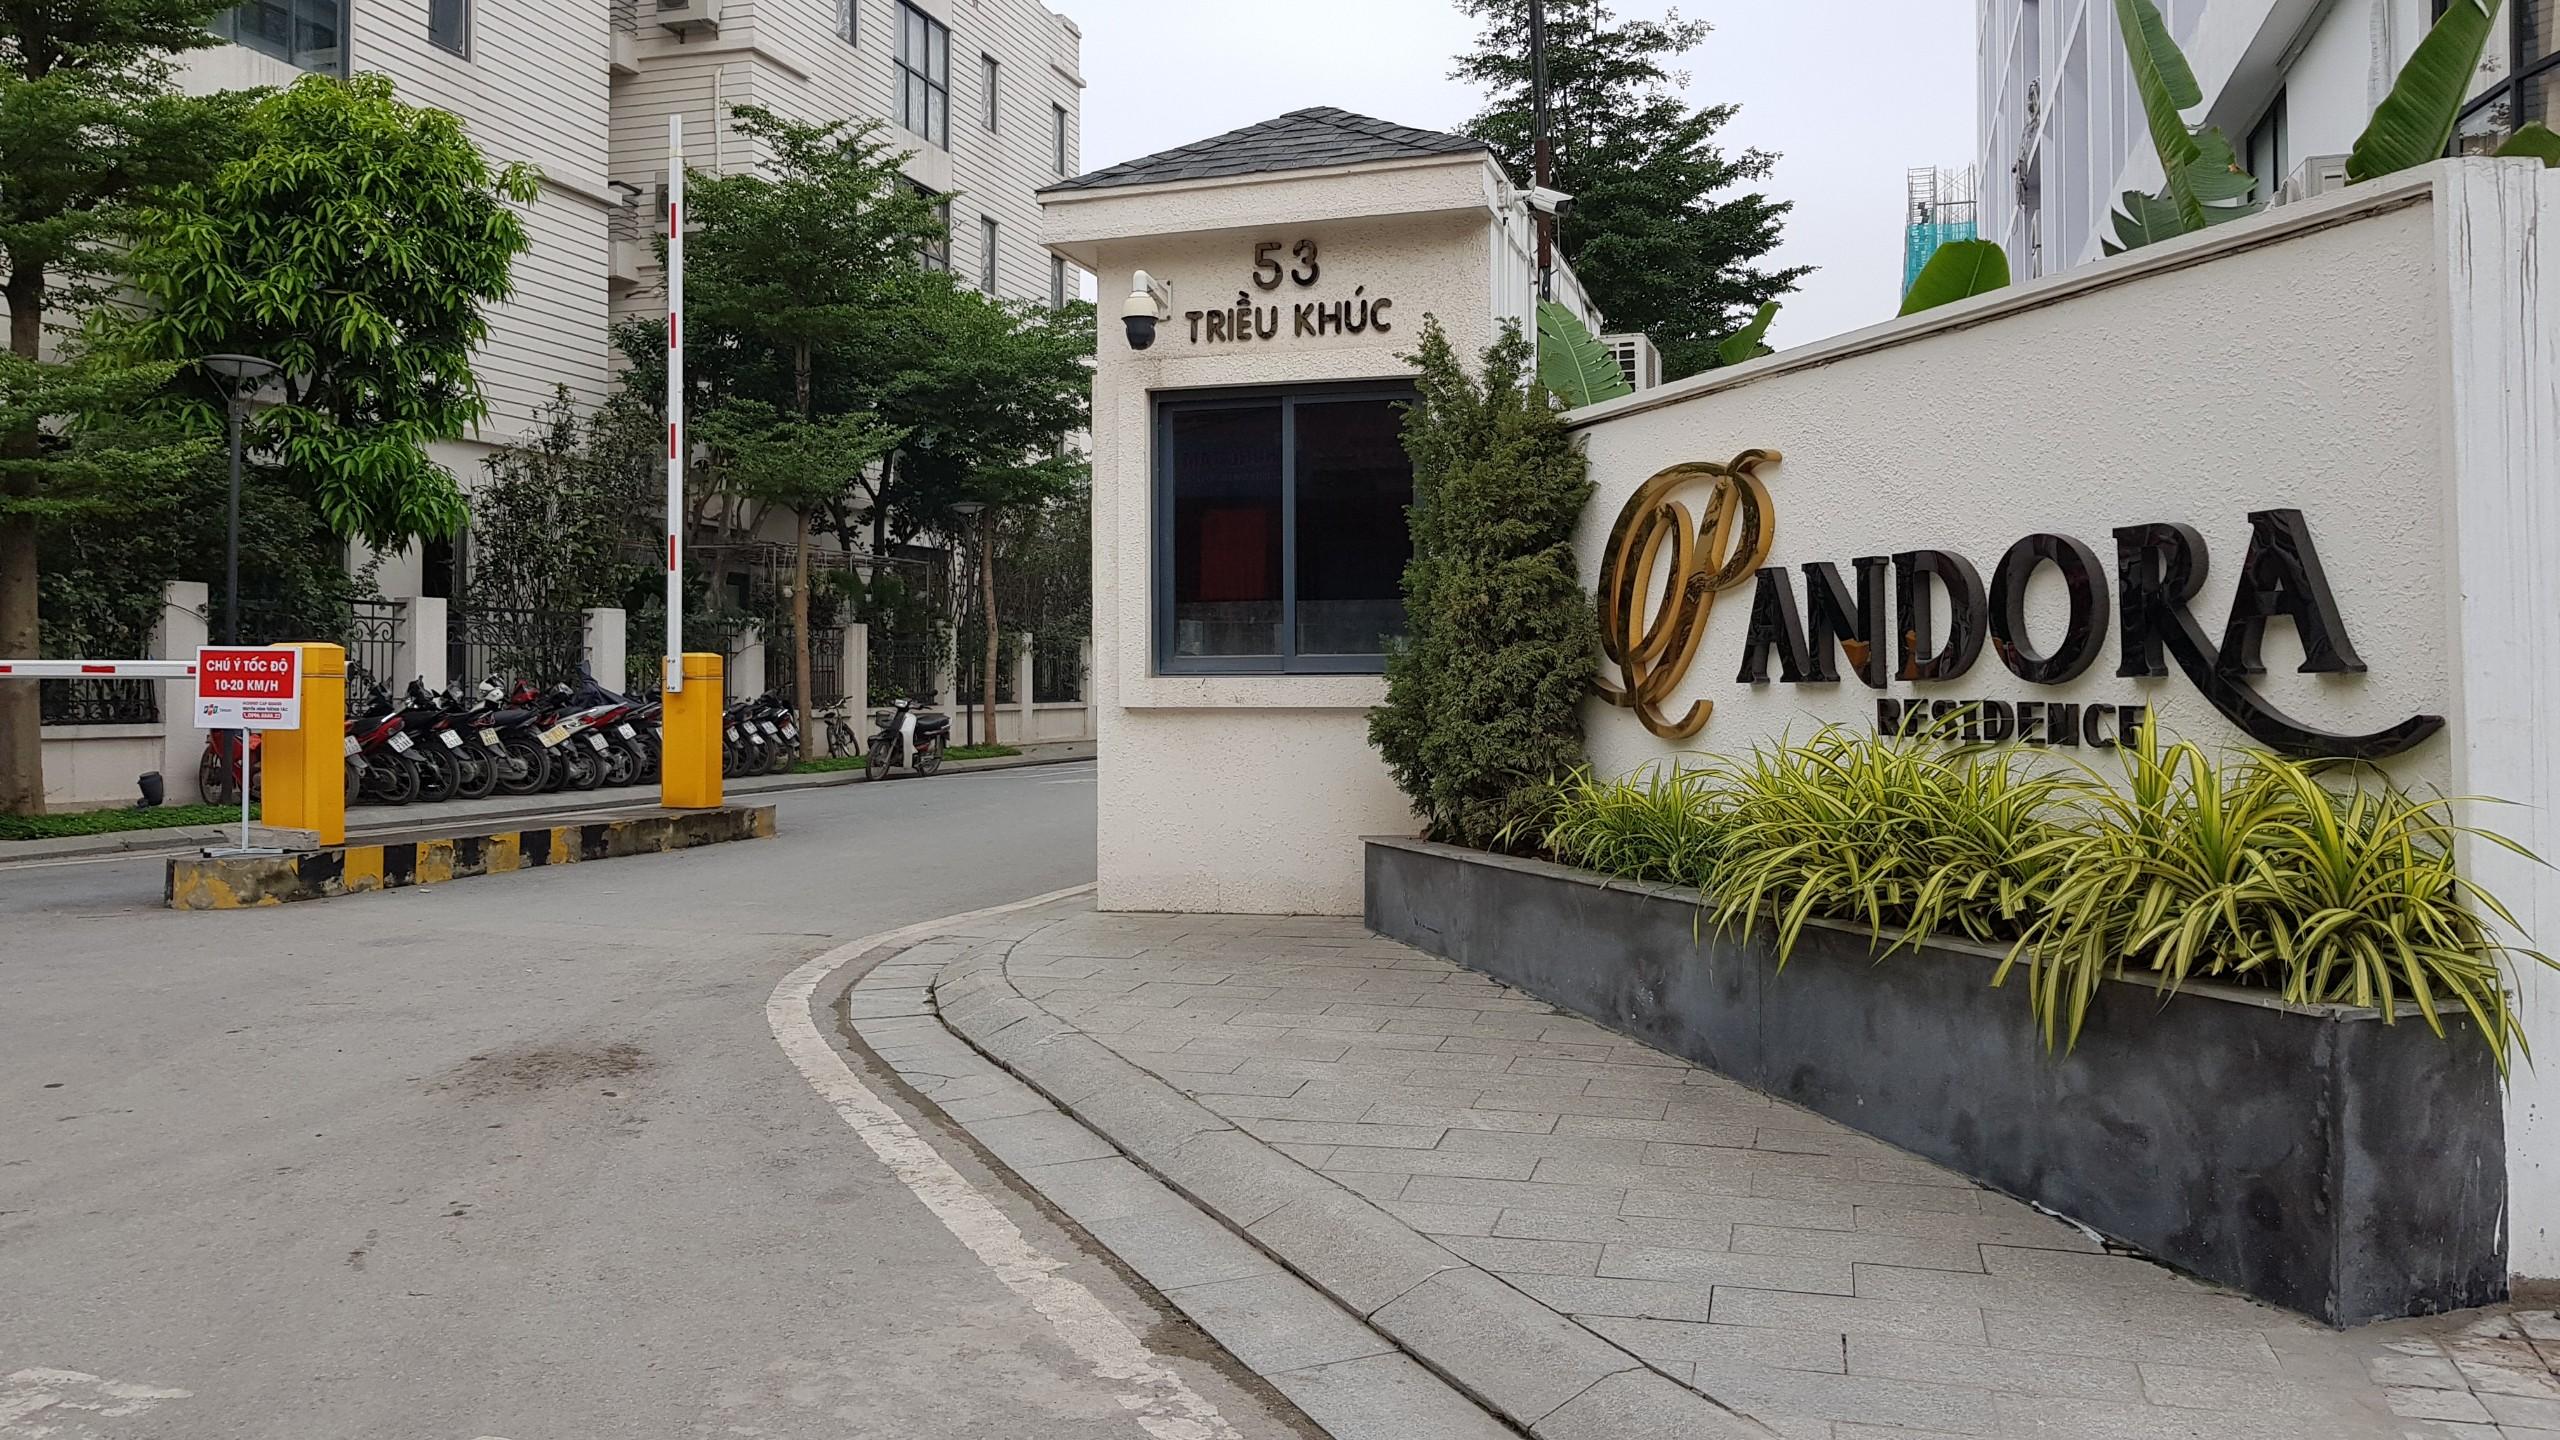 Chung cư PCC1 Thanh Xuân đối diện pandora